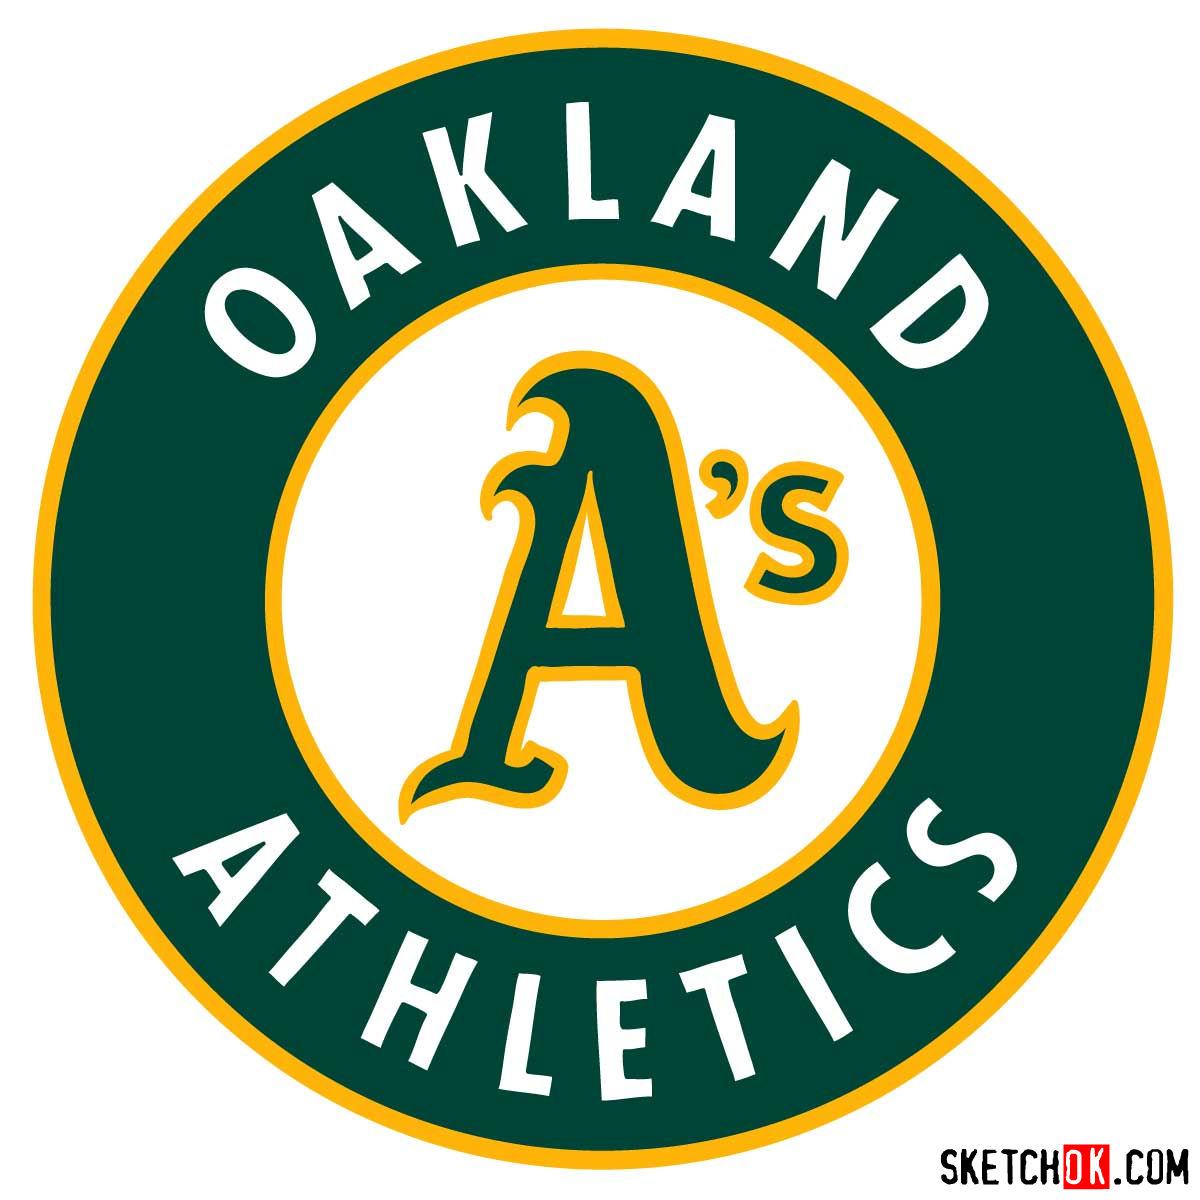 How to draw Oakland Athletics logo | MLB logos